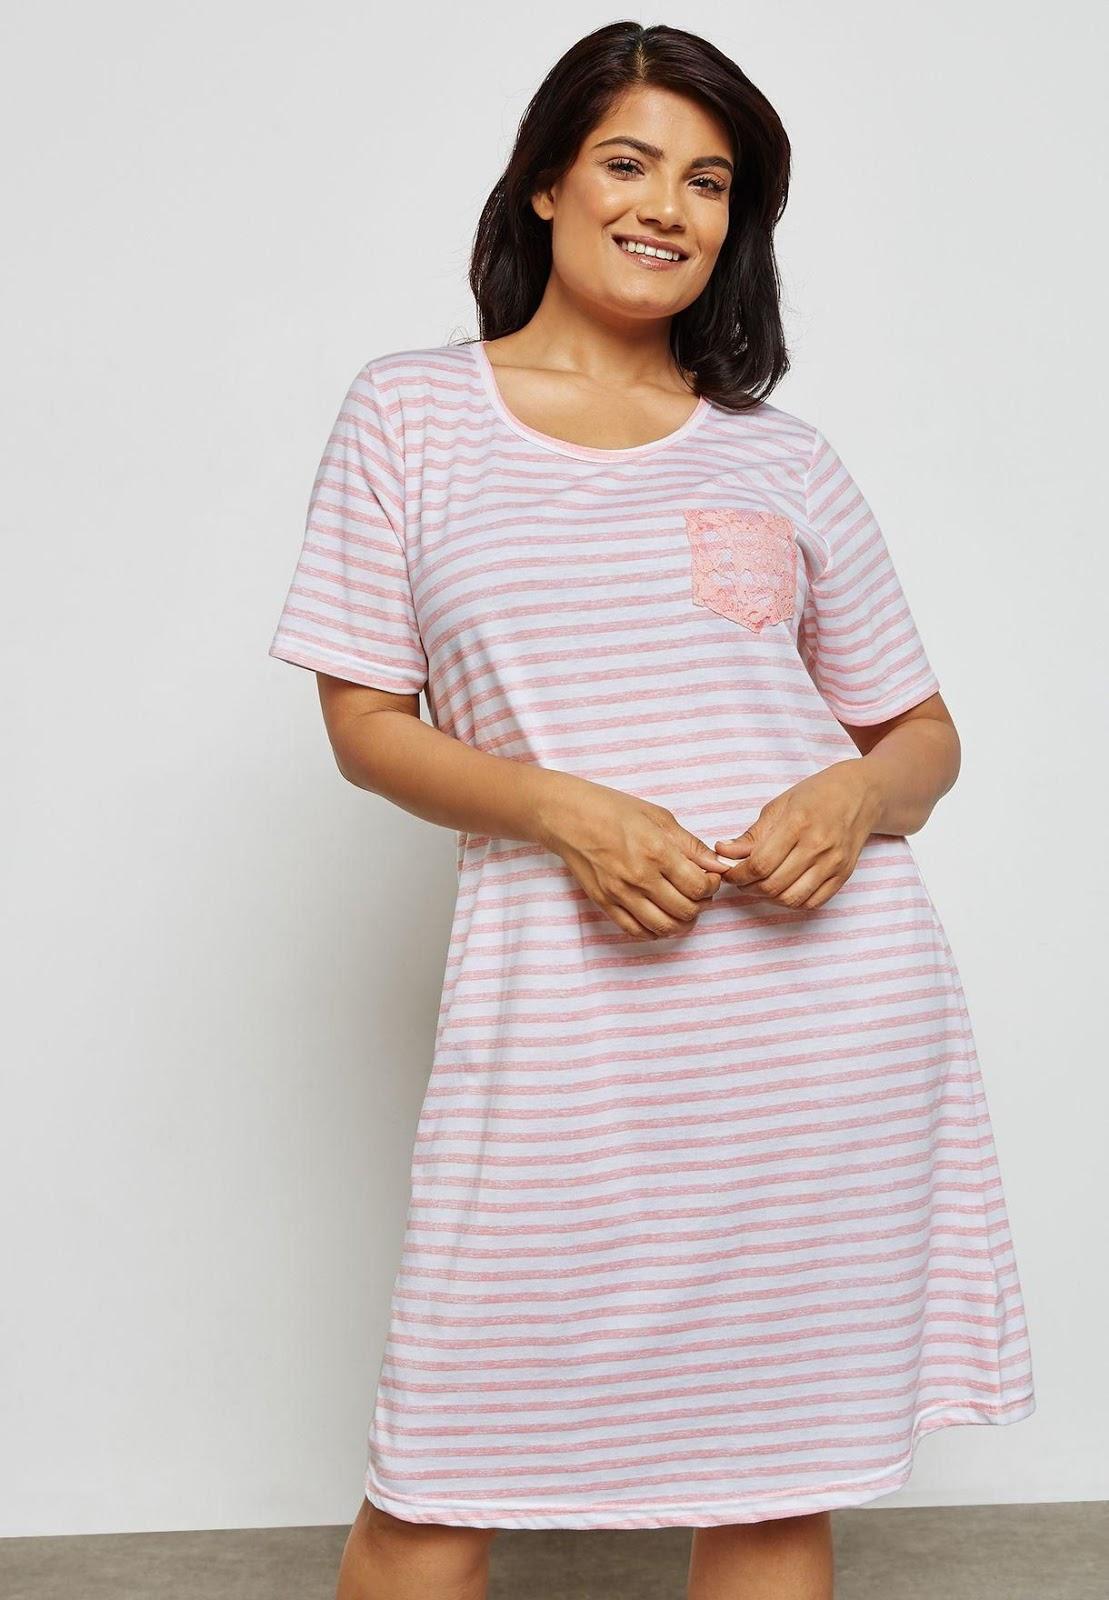 صورة قميص نوم طويل , اجمل قمصان النوم الطويلة ذات الالوان الجذابة